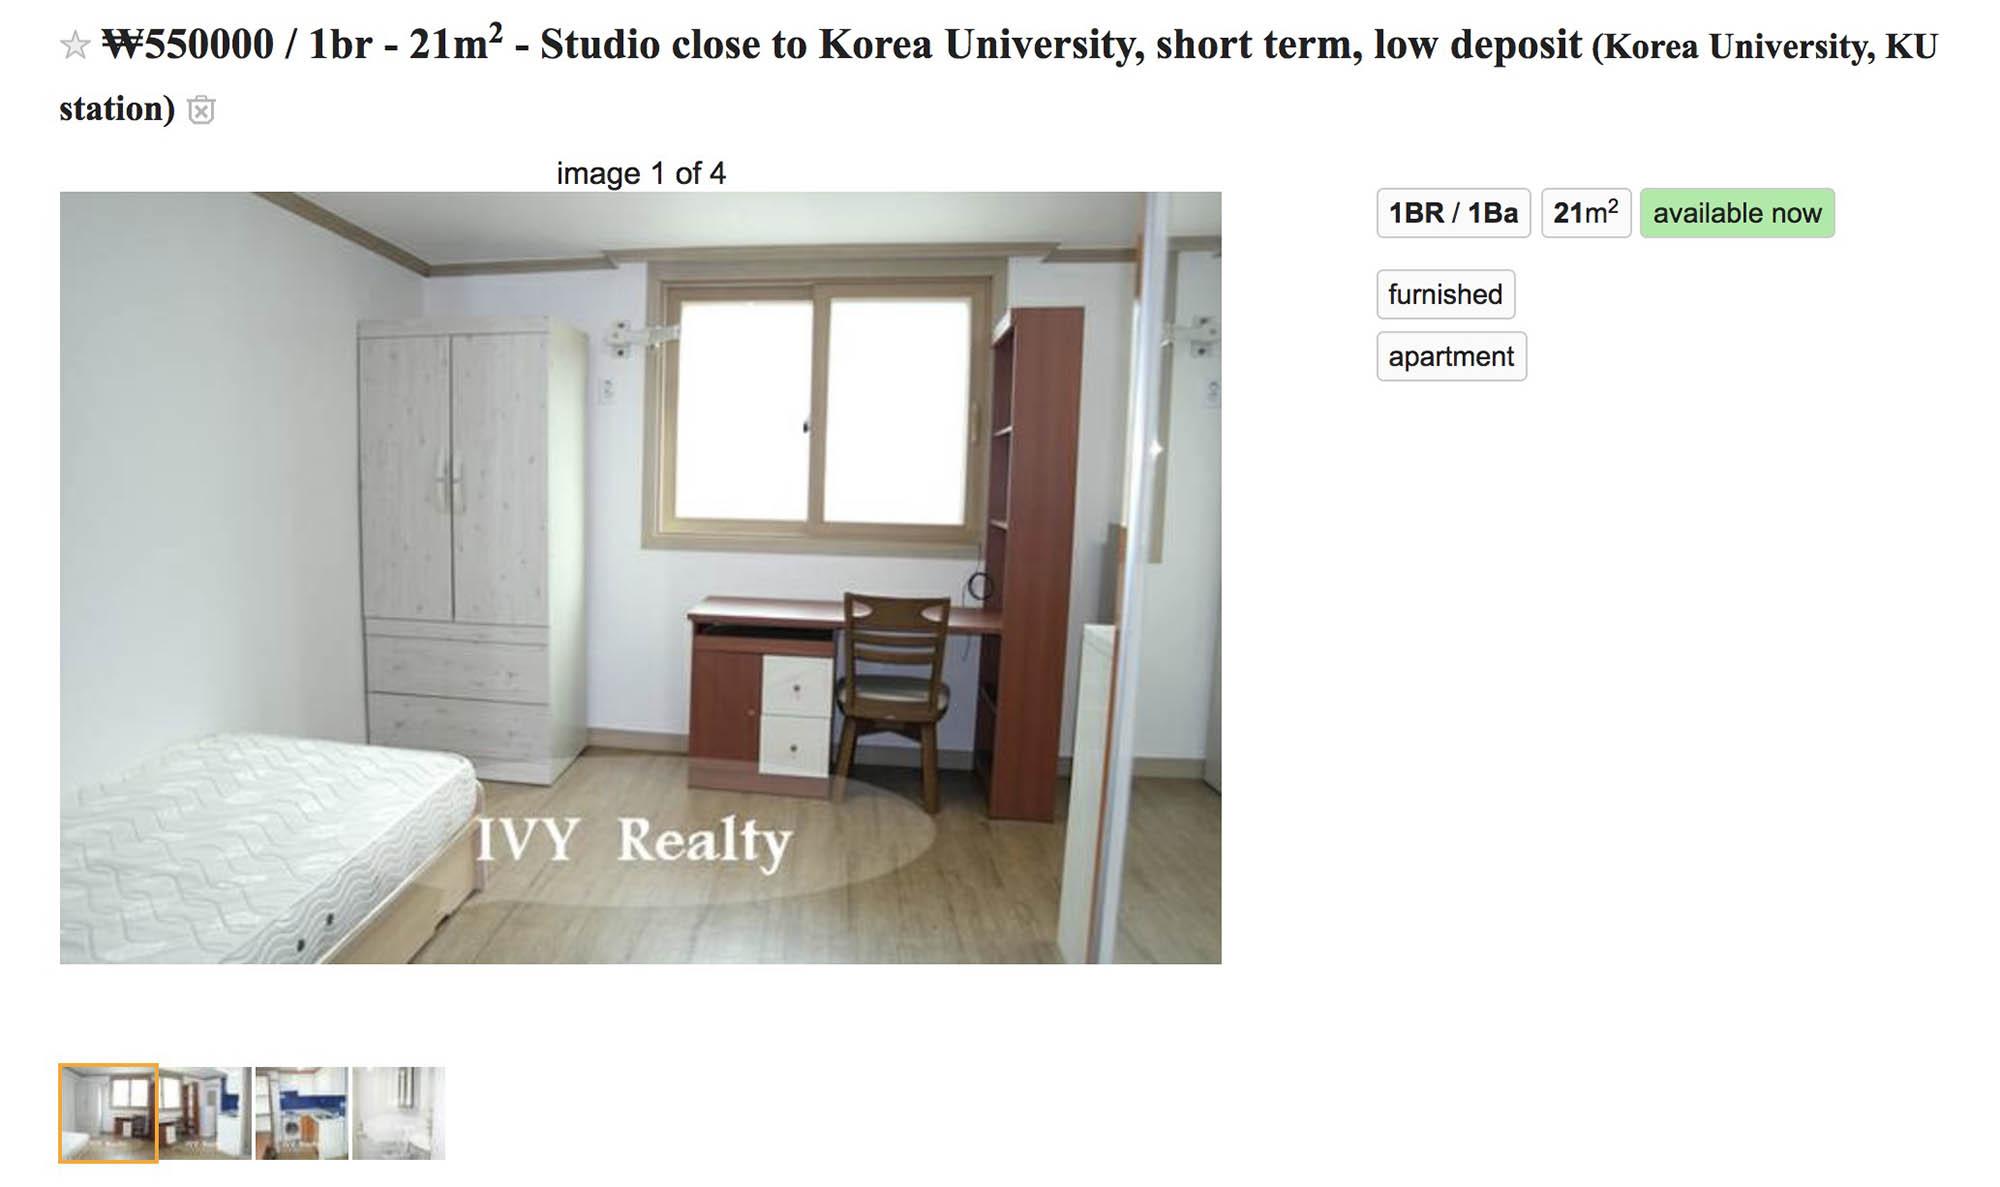 Студия рядом с университетом за 550 000 вон (31 600 р.) в месяц